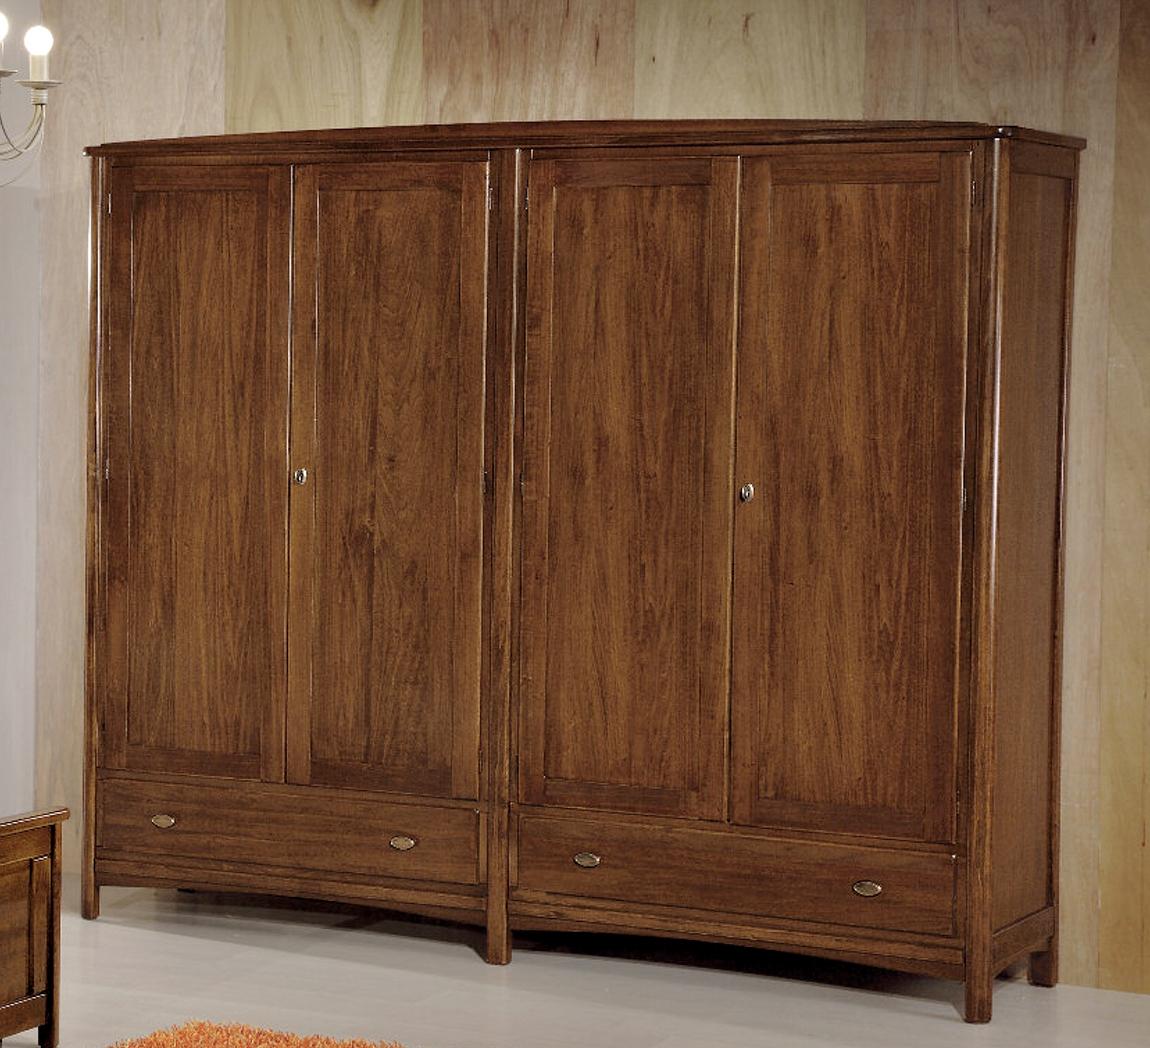 Armadio a 4 ante in legno massiccio e stile classico for Nuovo arredo camerette prezzi